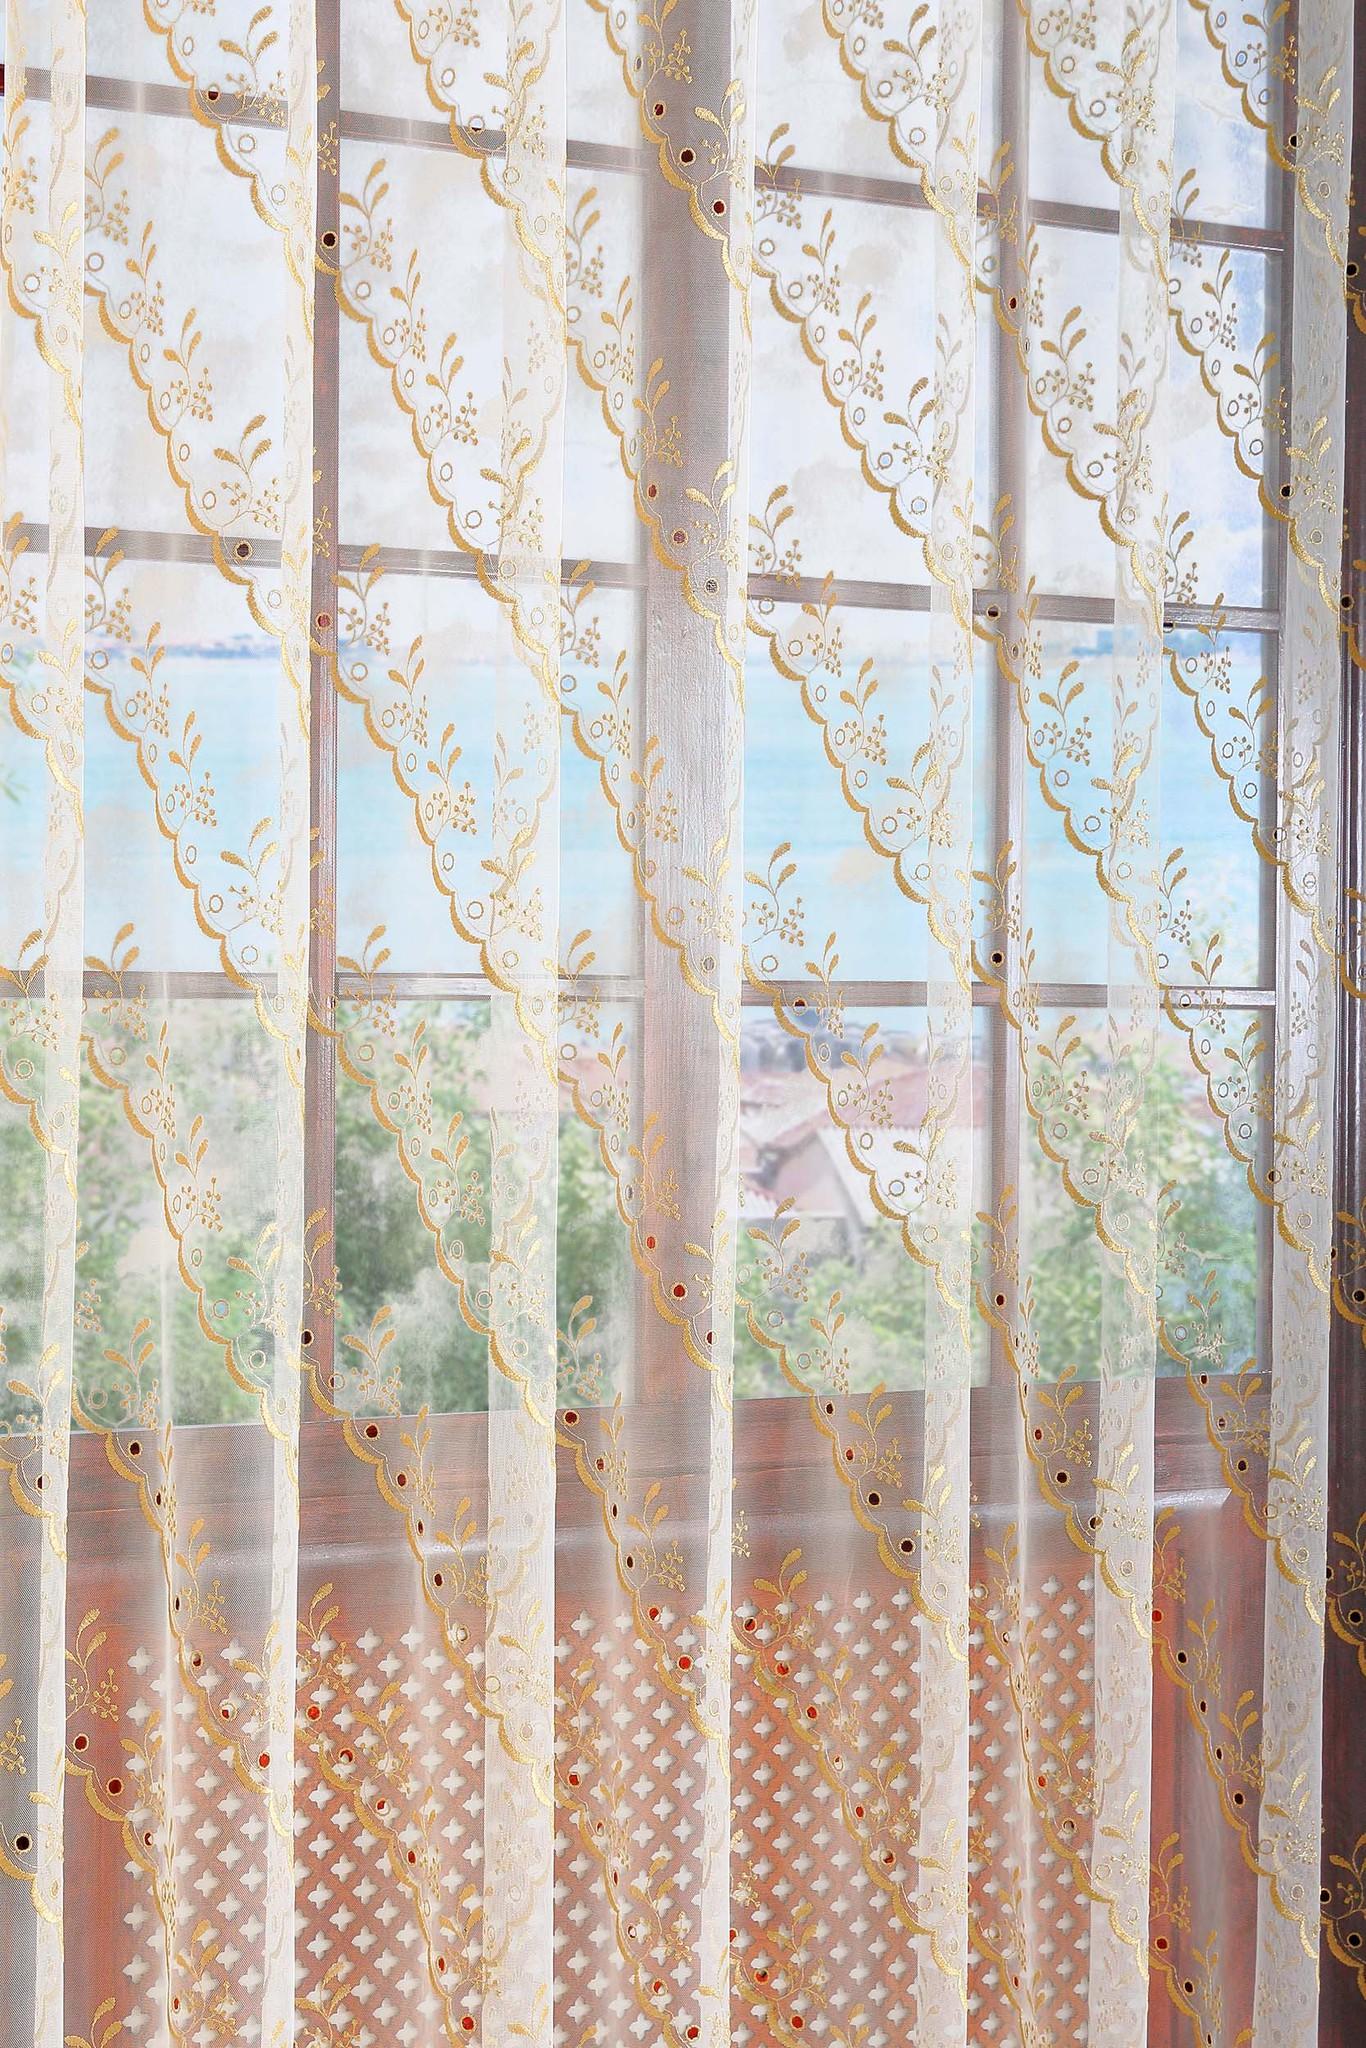 Штора. Французская сетка с диагоналным рисунком из золотой нити с люрексом